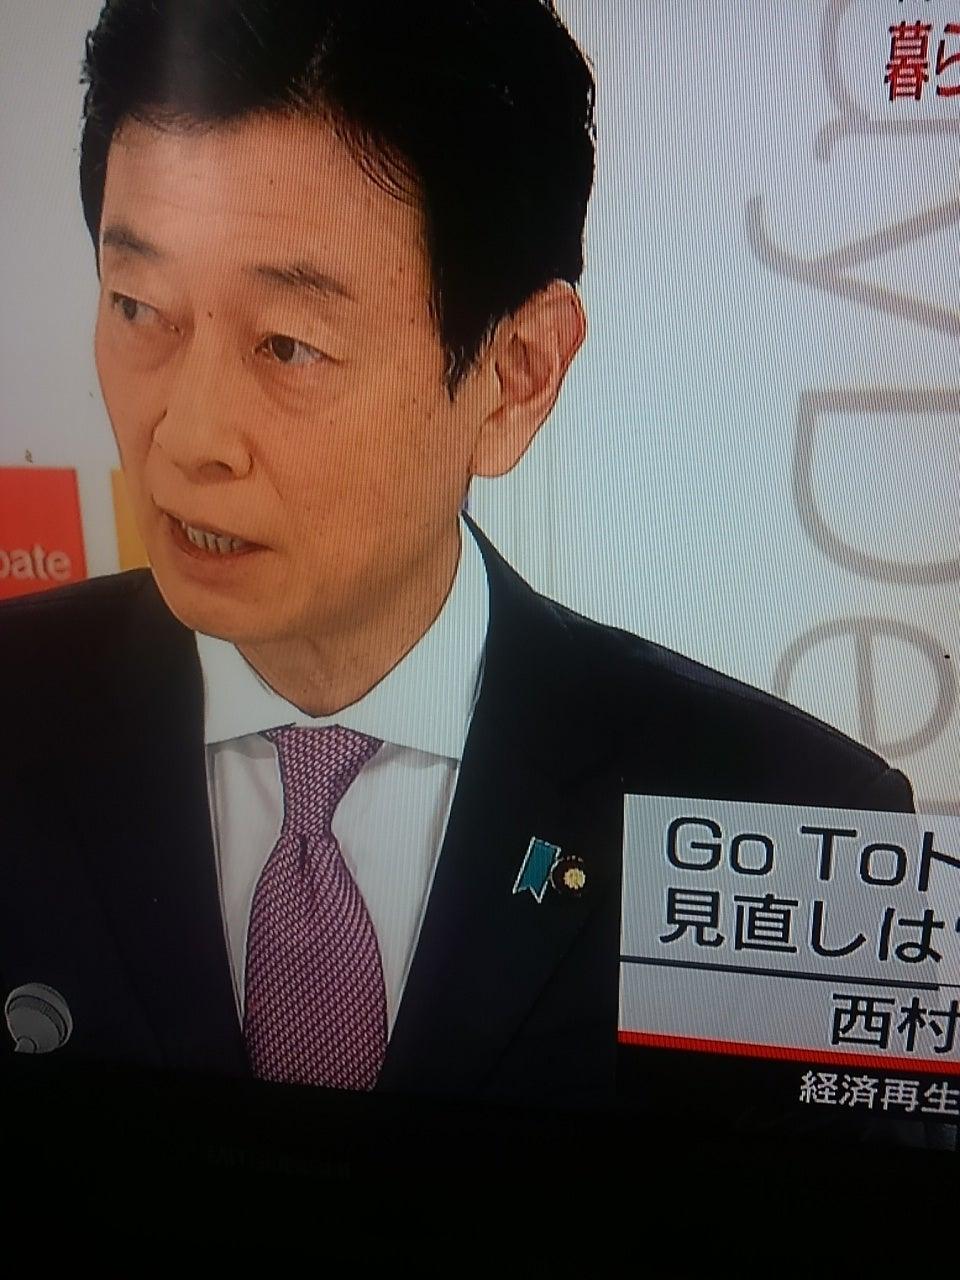 イケメン 西村経済再生担当大臣